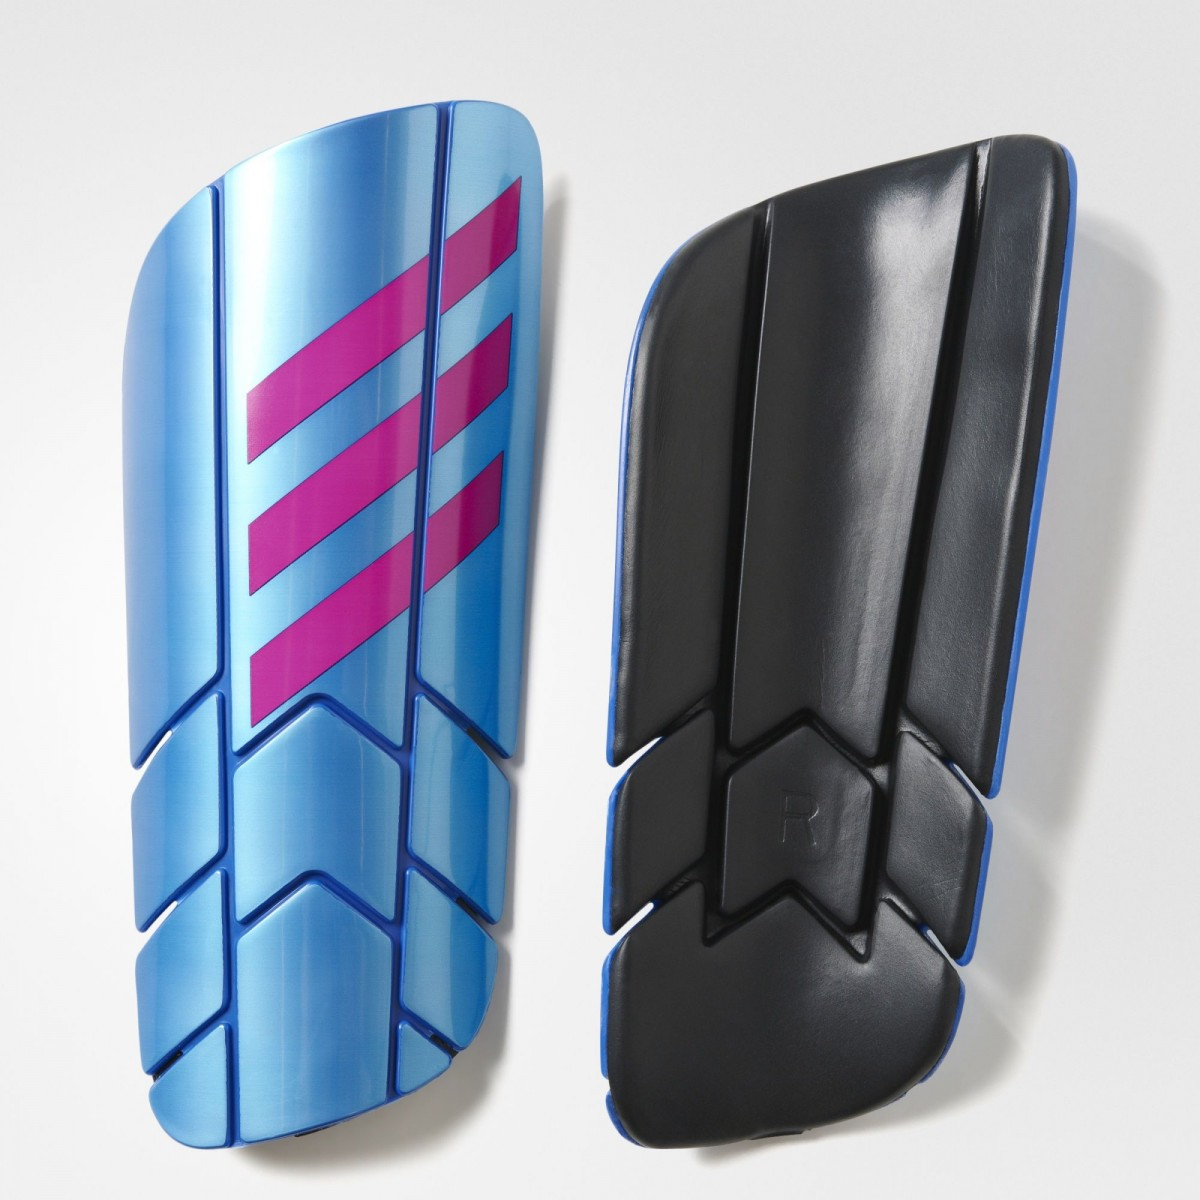 Caneleira Adidas Ghost Pro AZ9854 Marinho 9170160928a5f